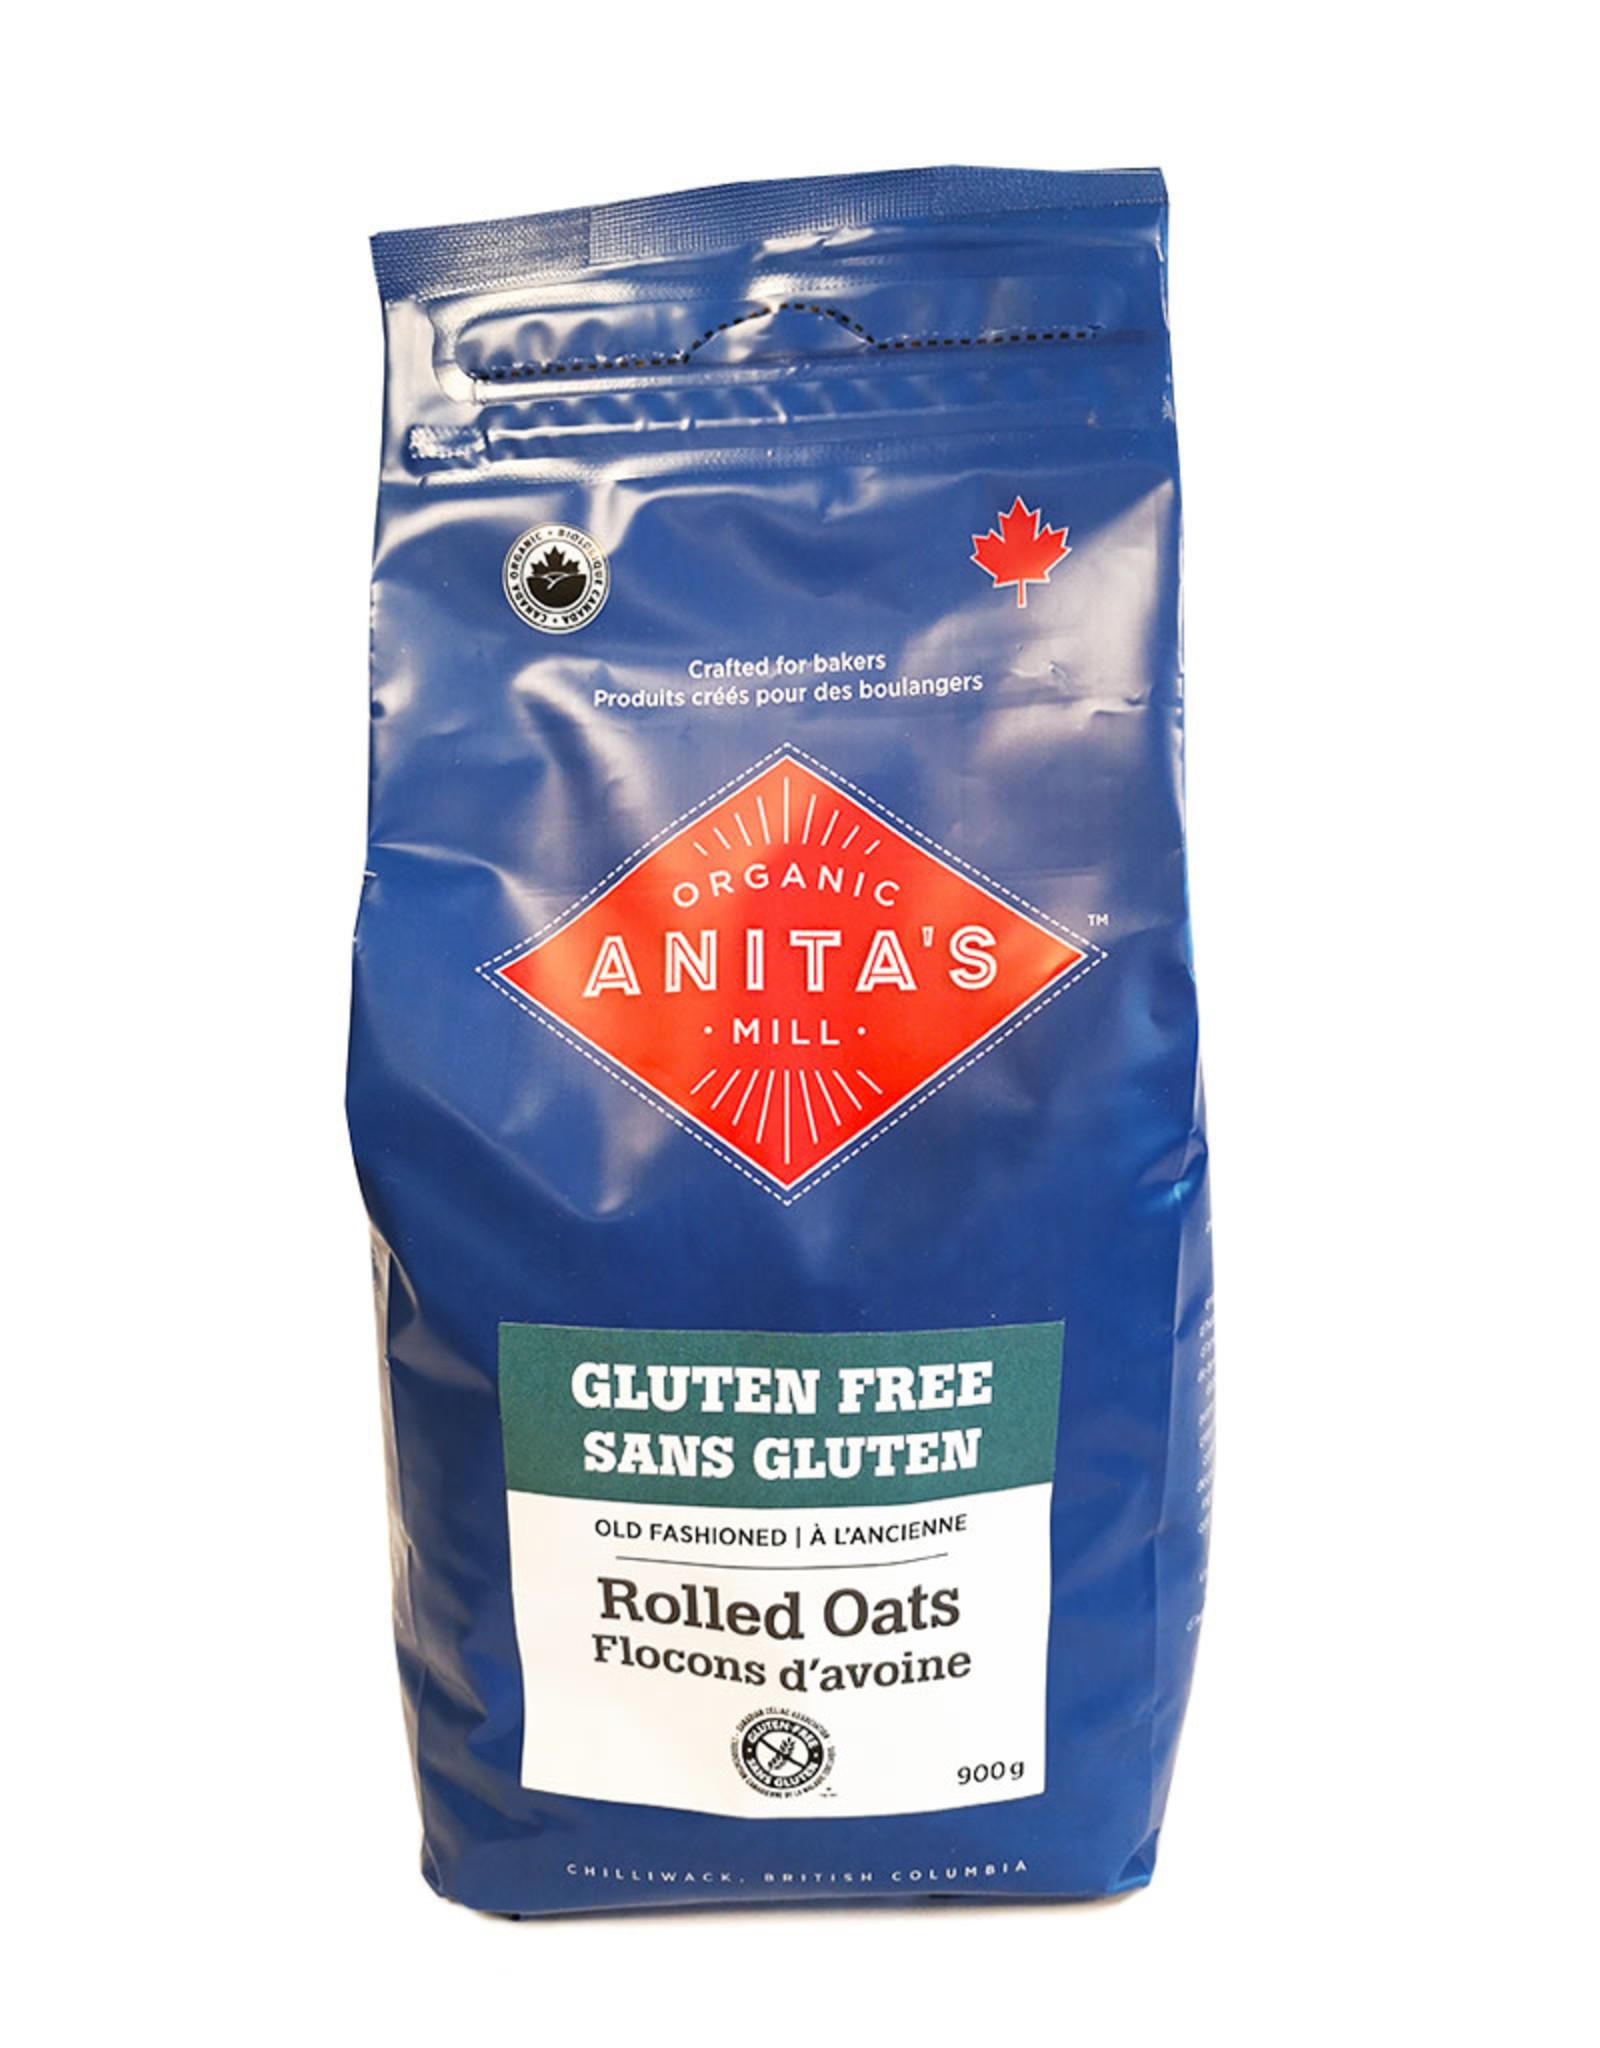 Anita's Organics Anitas Organic - GF Oats, Rolled (900g)